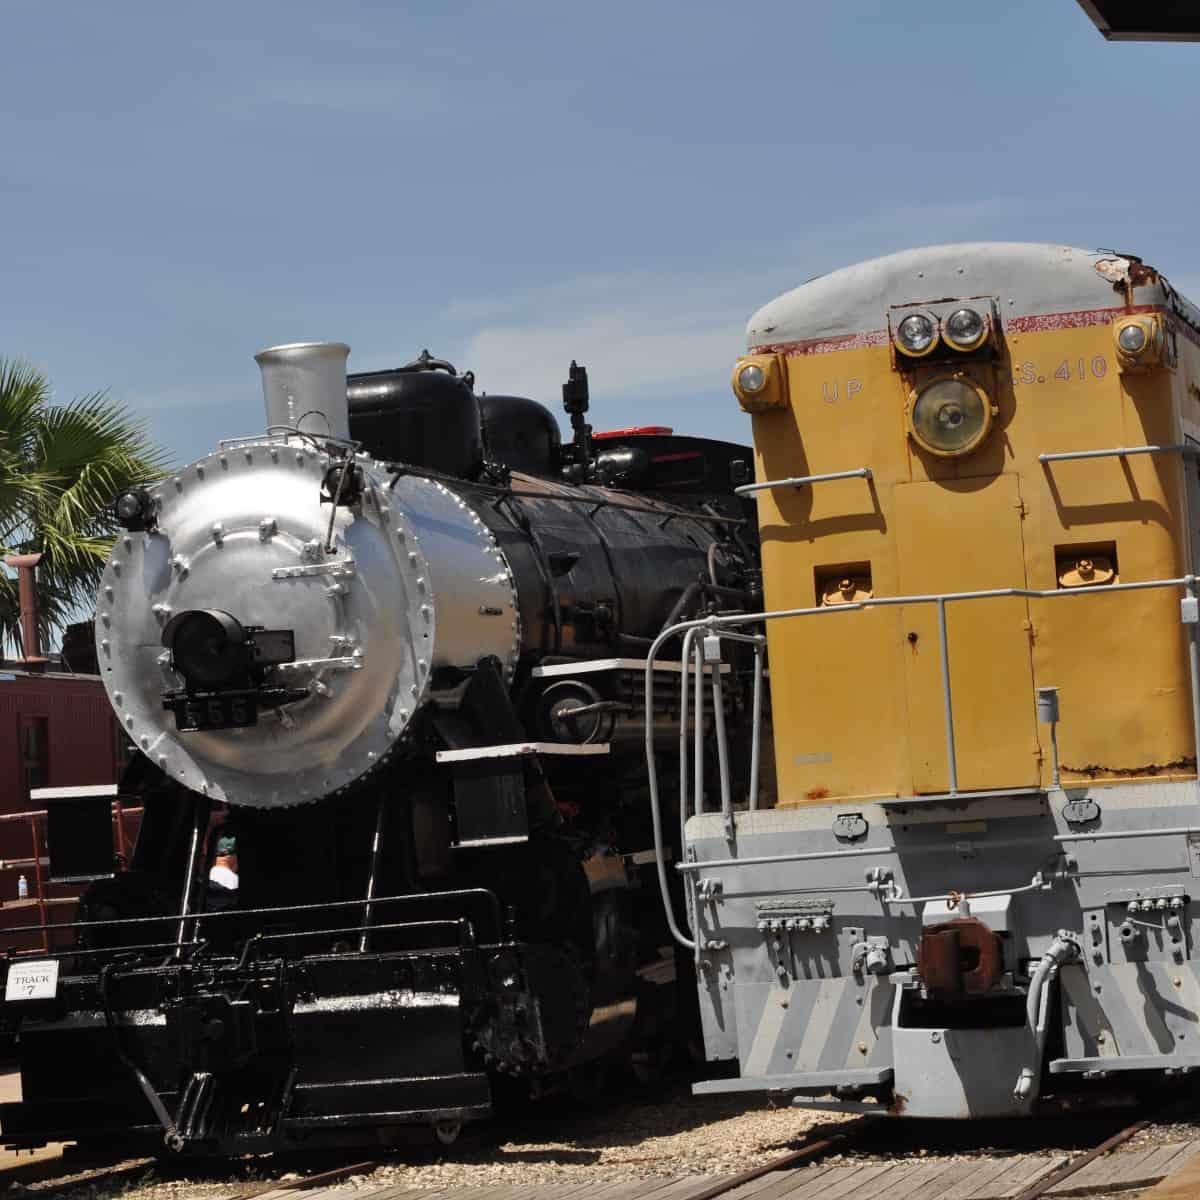 Trains at Galveston Railroad Museum